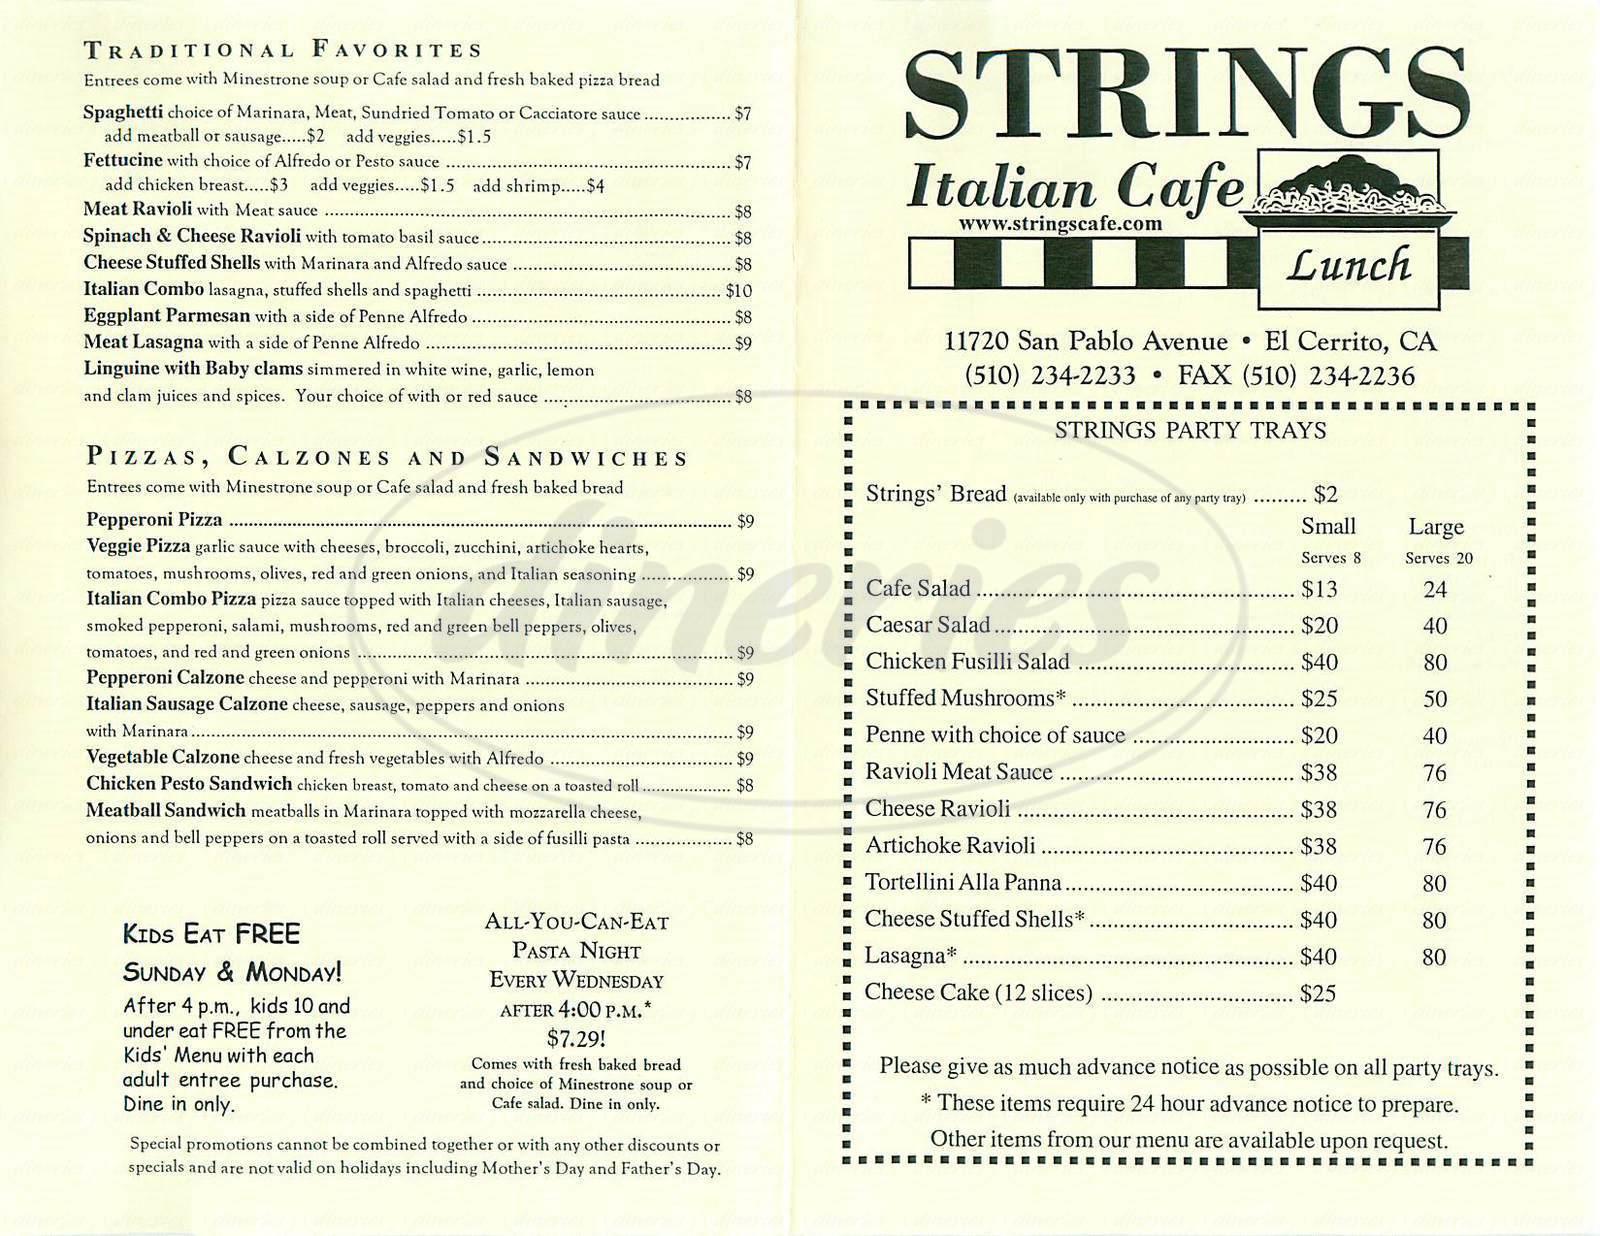 menu for Strings Italian Café